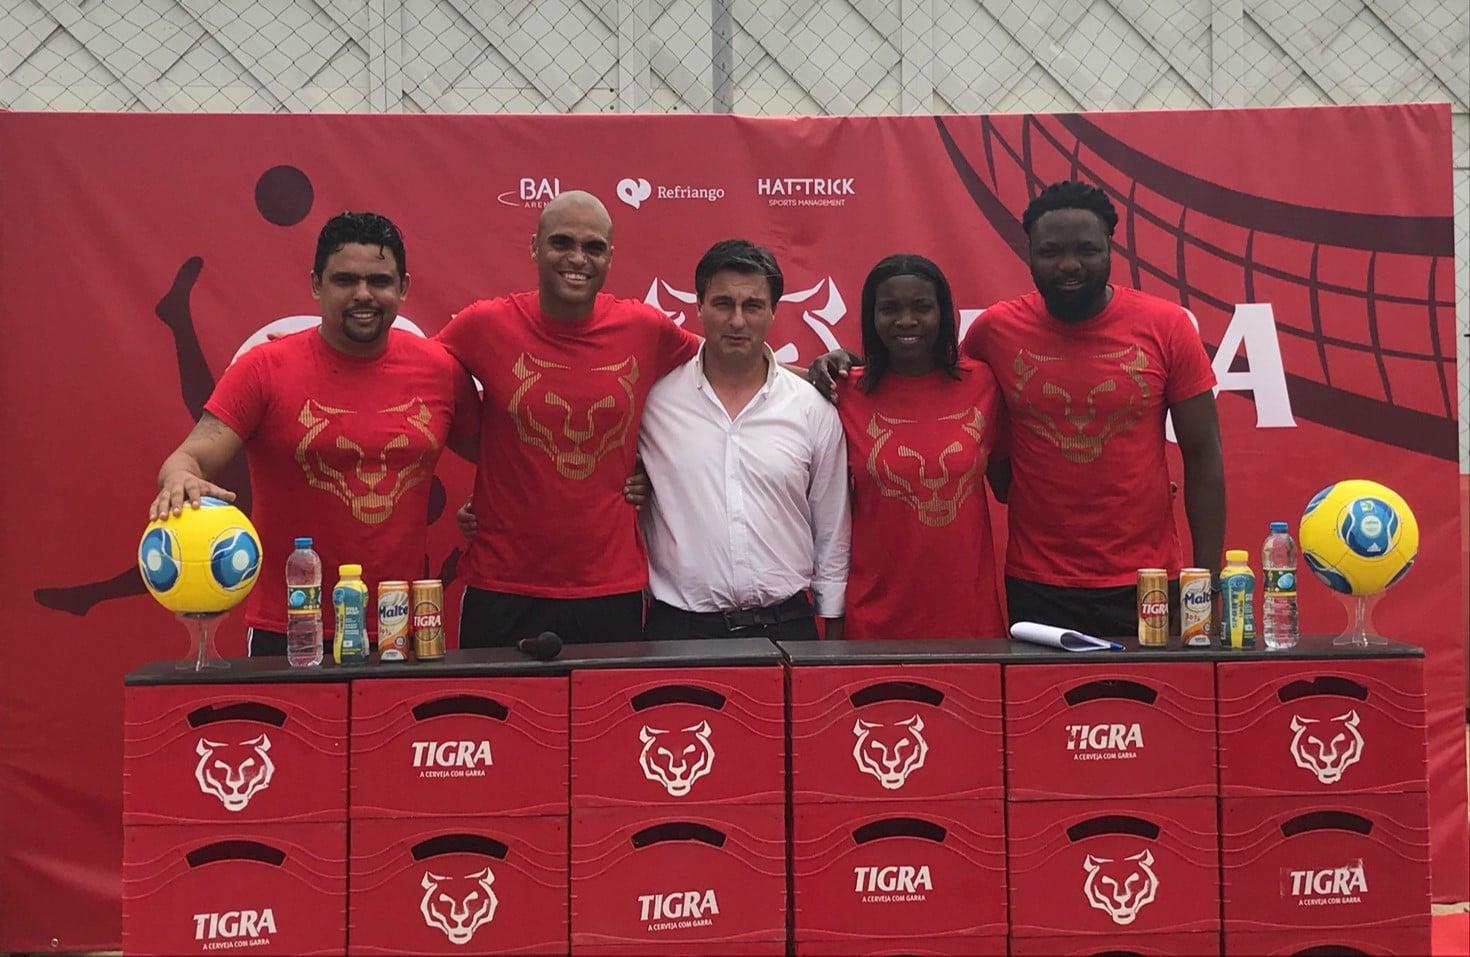 estrelas do futebol nacional na copa tigra futevolei - Rafael Kali Figueiredo Irene Dede - Estrelas do Futebol Nacional na Copa Tigra Futevolei